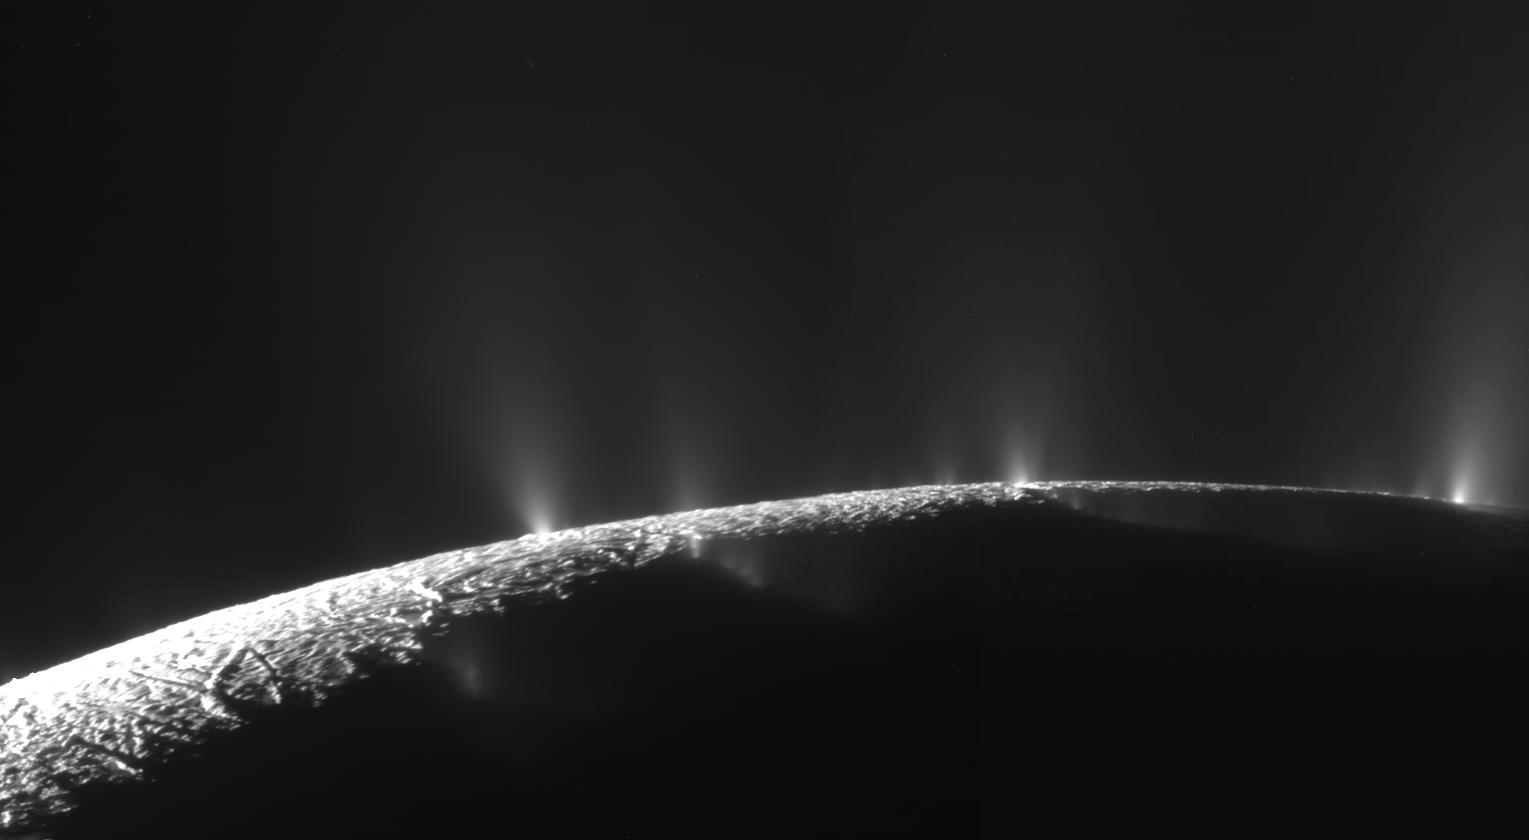 NASA a descoperit apa in stare lichida pe un satelit al planetei Saturn. Corpul ceresc ar putea gazdui forme de viata